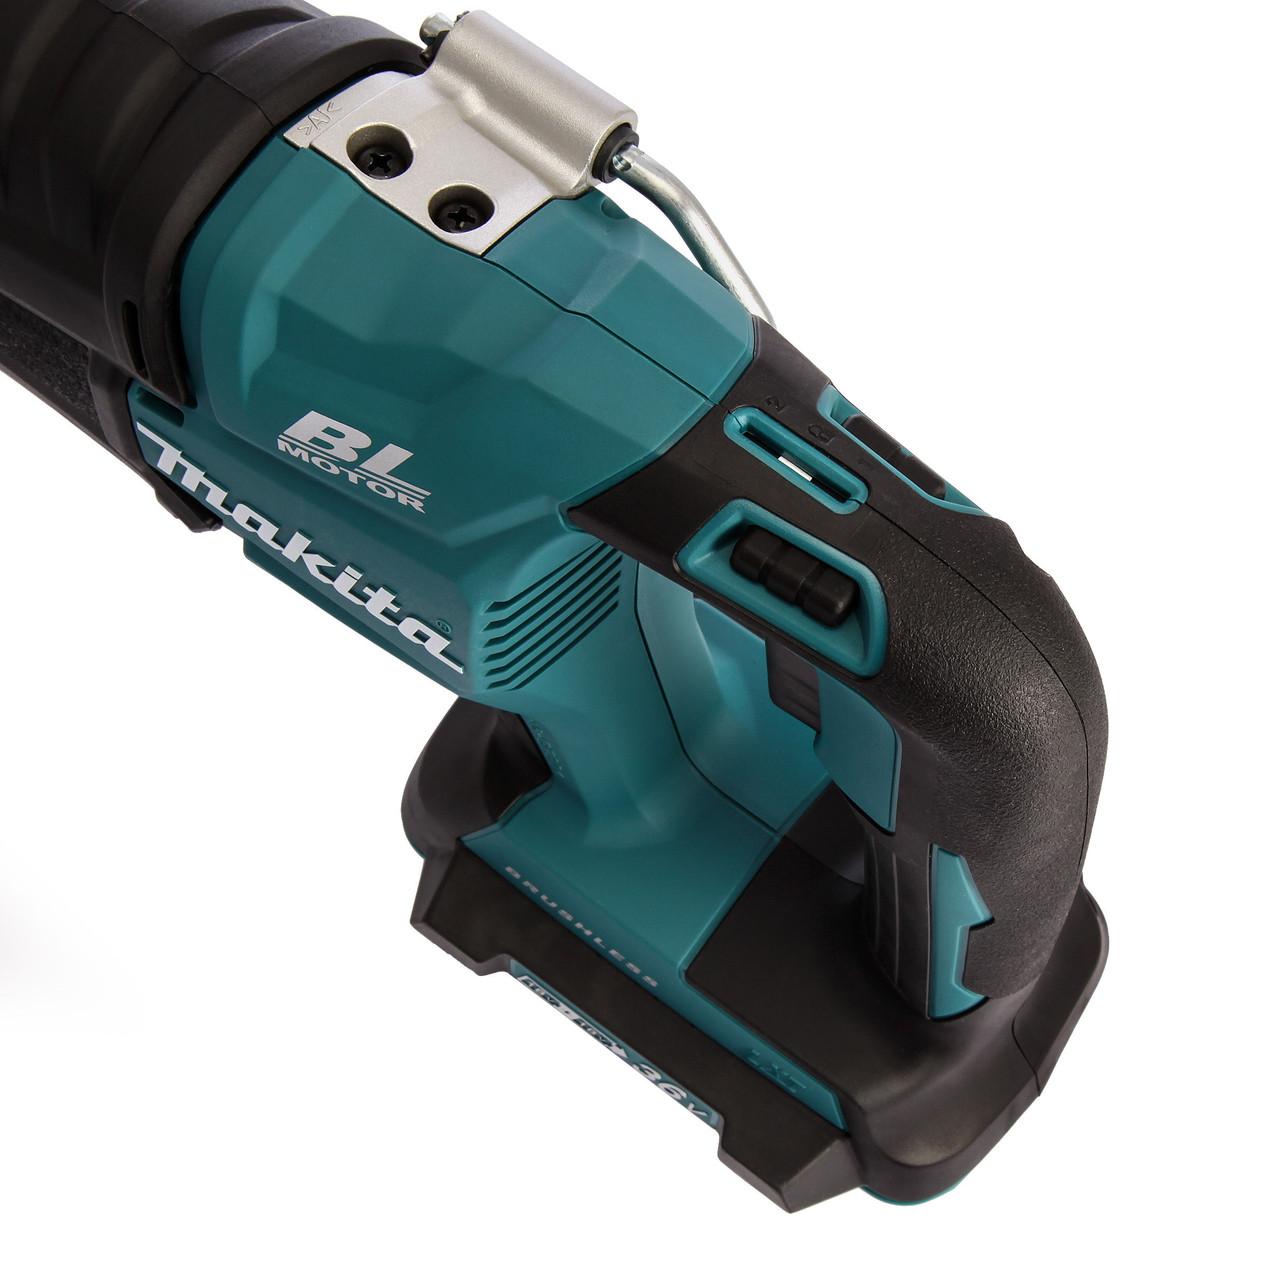 Makita XRJ05Z 18V Brushless Reciprocating Saw - XRJ05Z-NBX